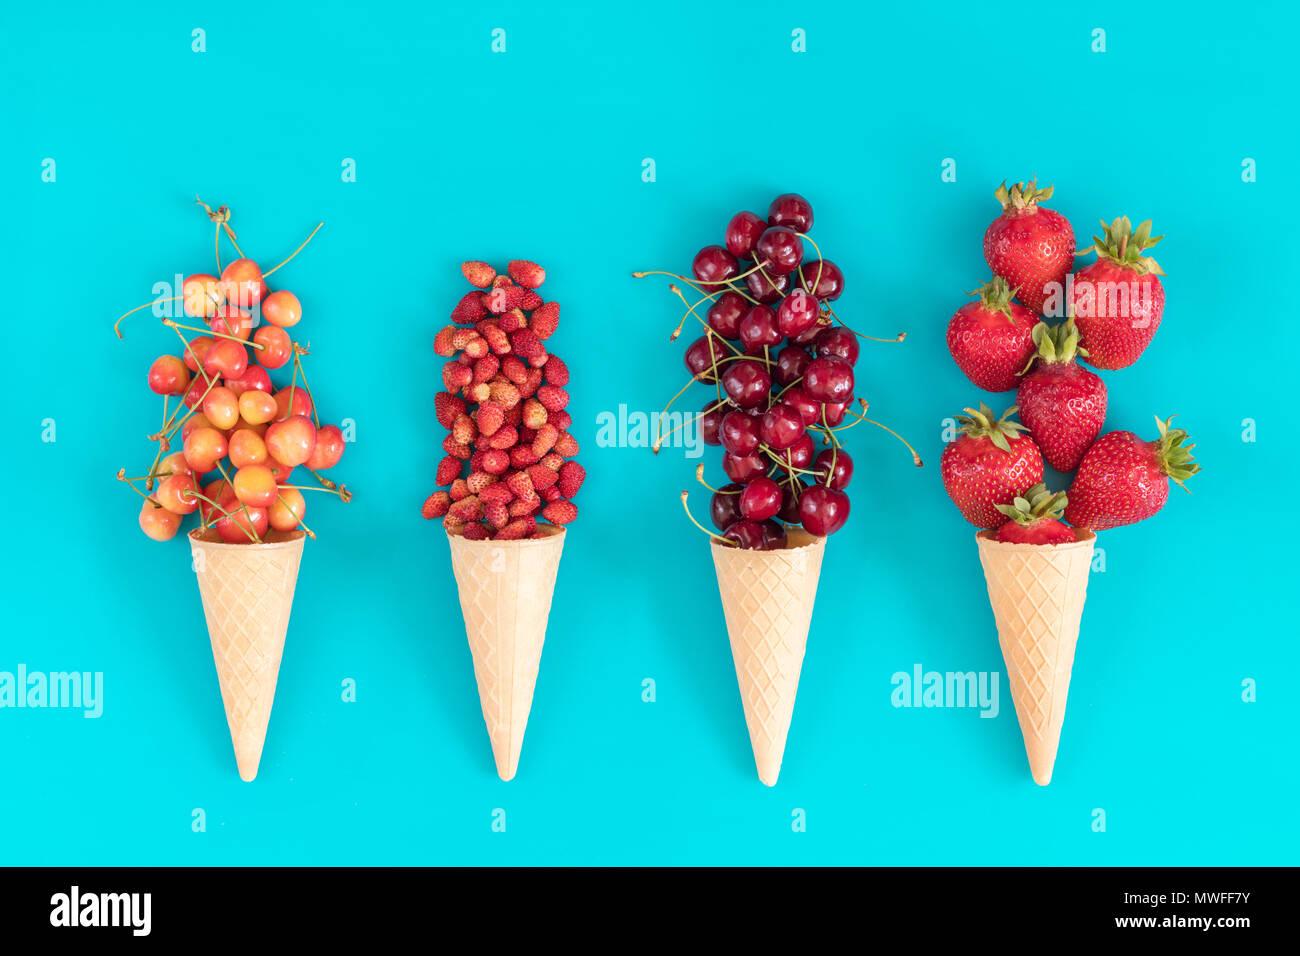 Quattro coni di cialda con ciliege rosse, fragole selvatiche, giallo le ciliegie e strawberryes sulla superficie blu. Appartamento laico, vista dall'alto cibo dolce sfondo. Immagini Stock